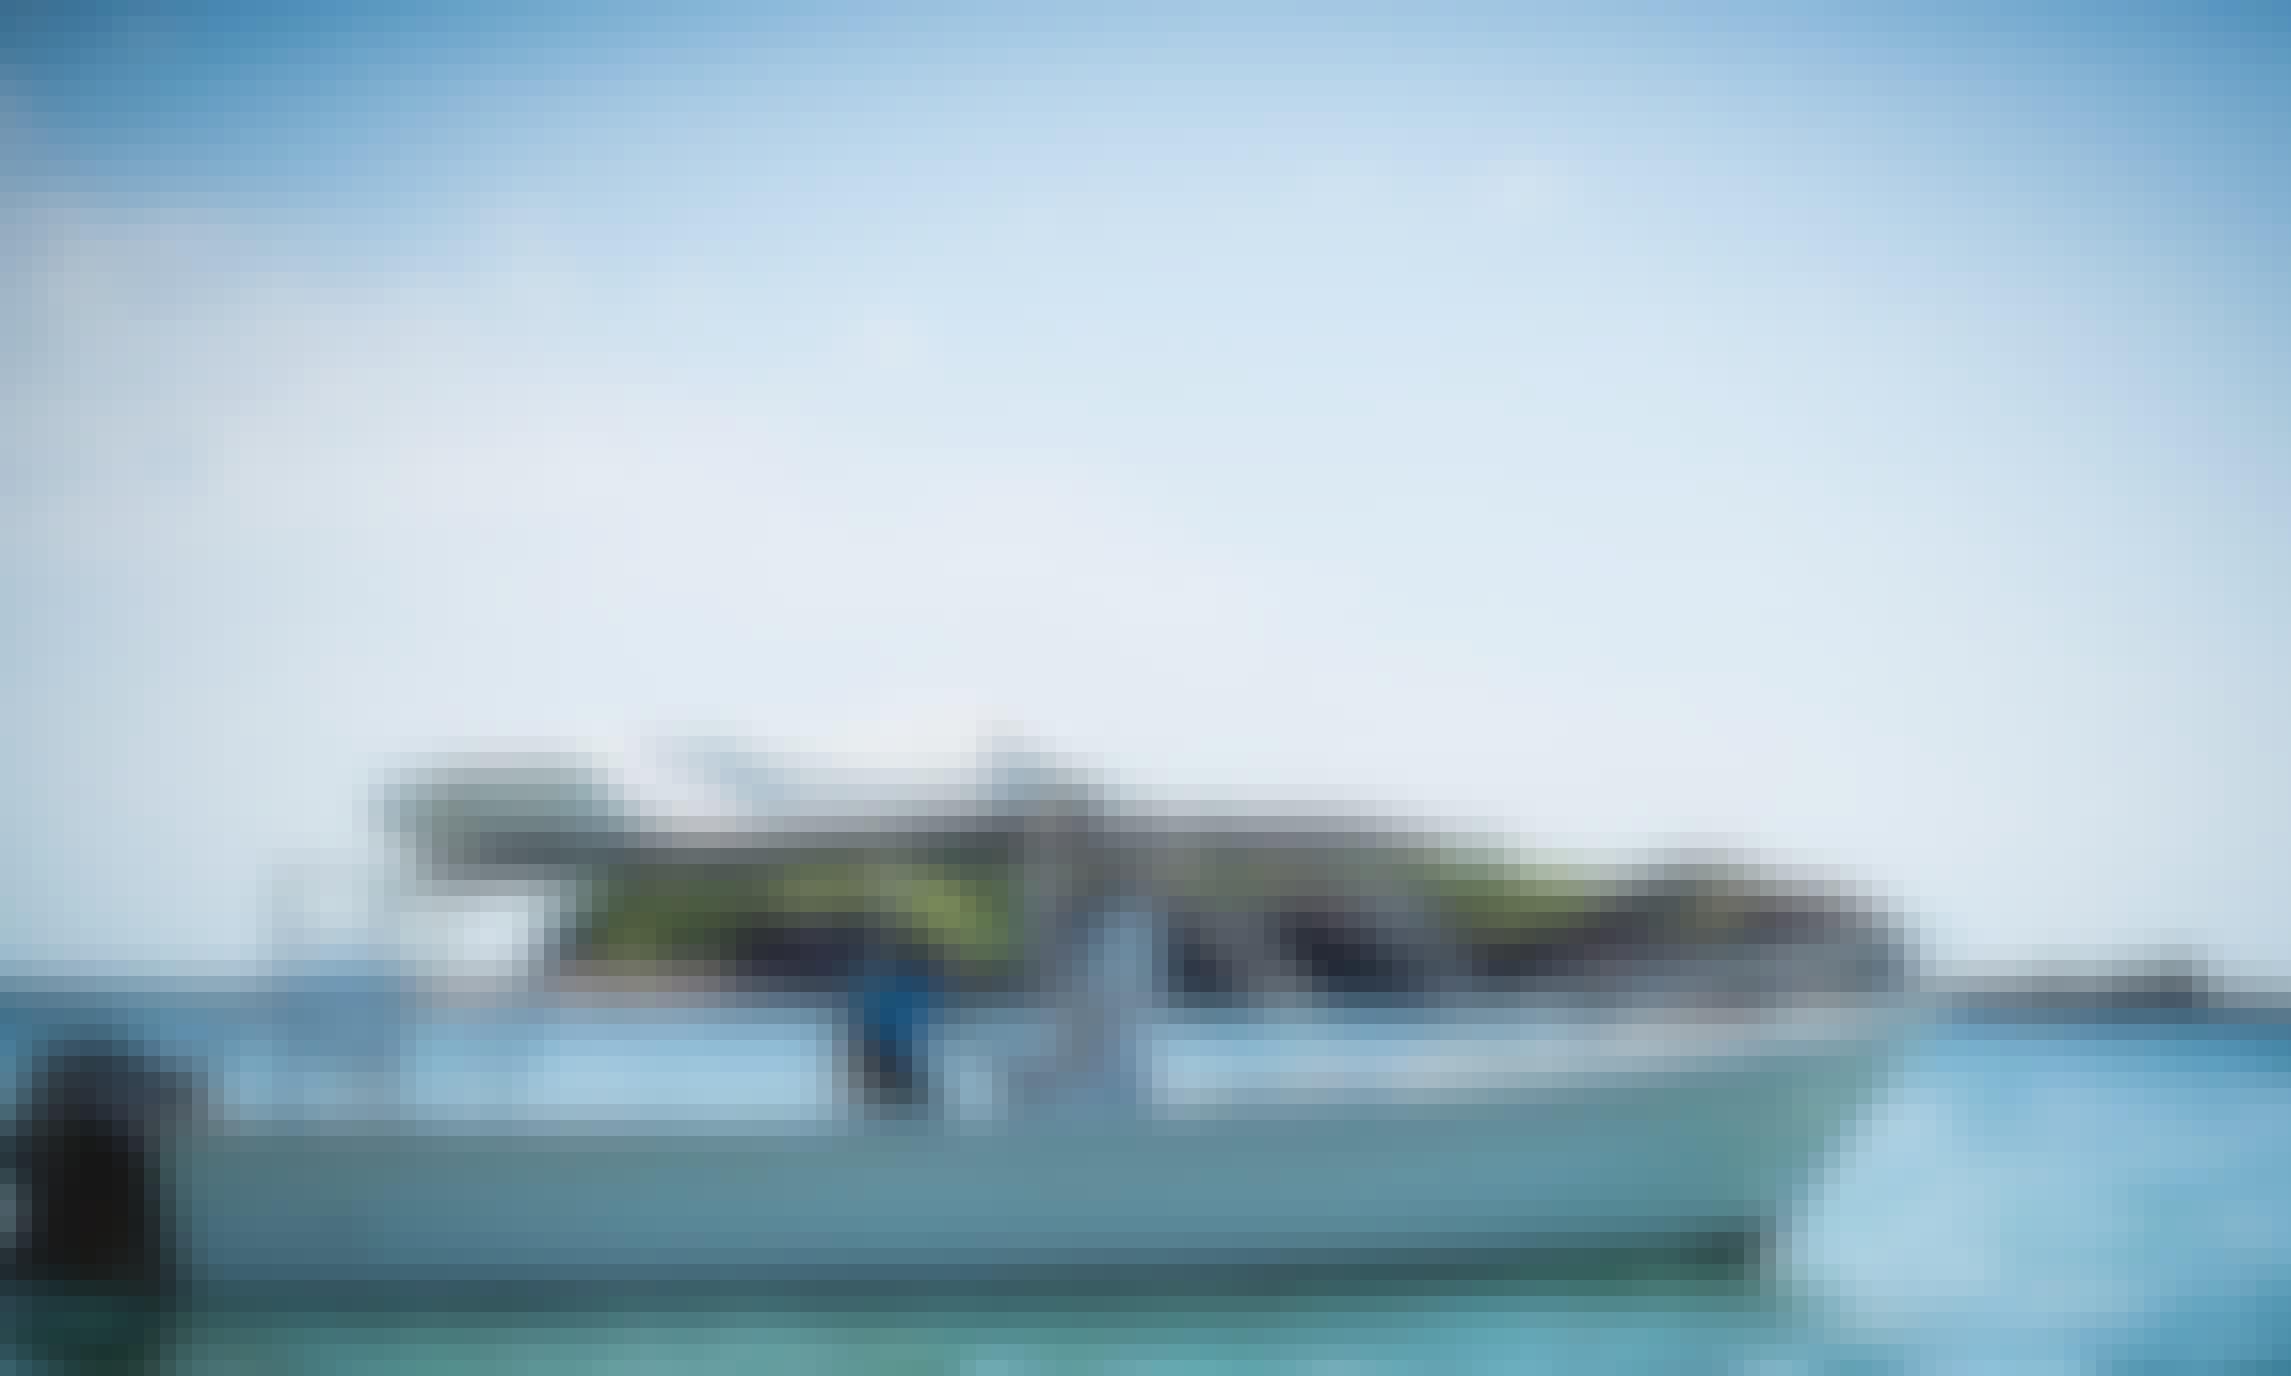 Super Panga 33' For Charter in Islas Marietas tour 4.5 hours